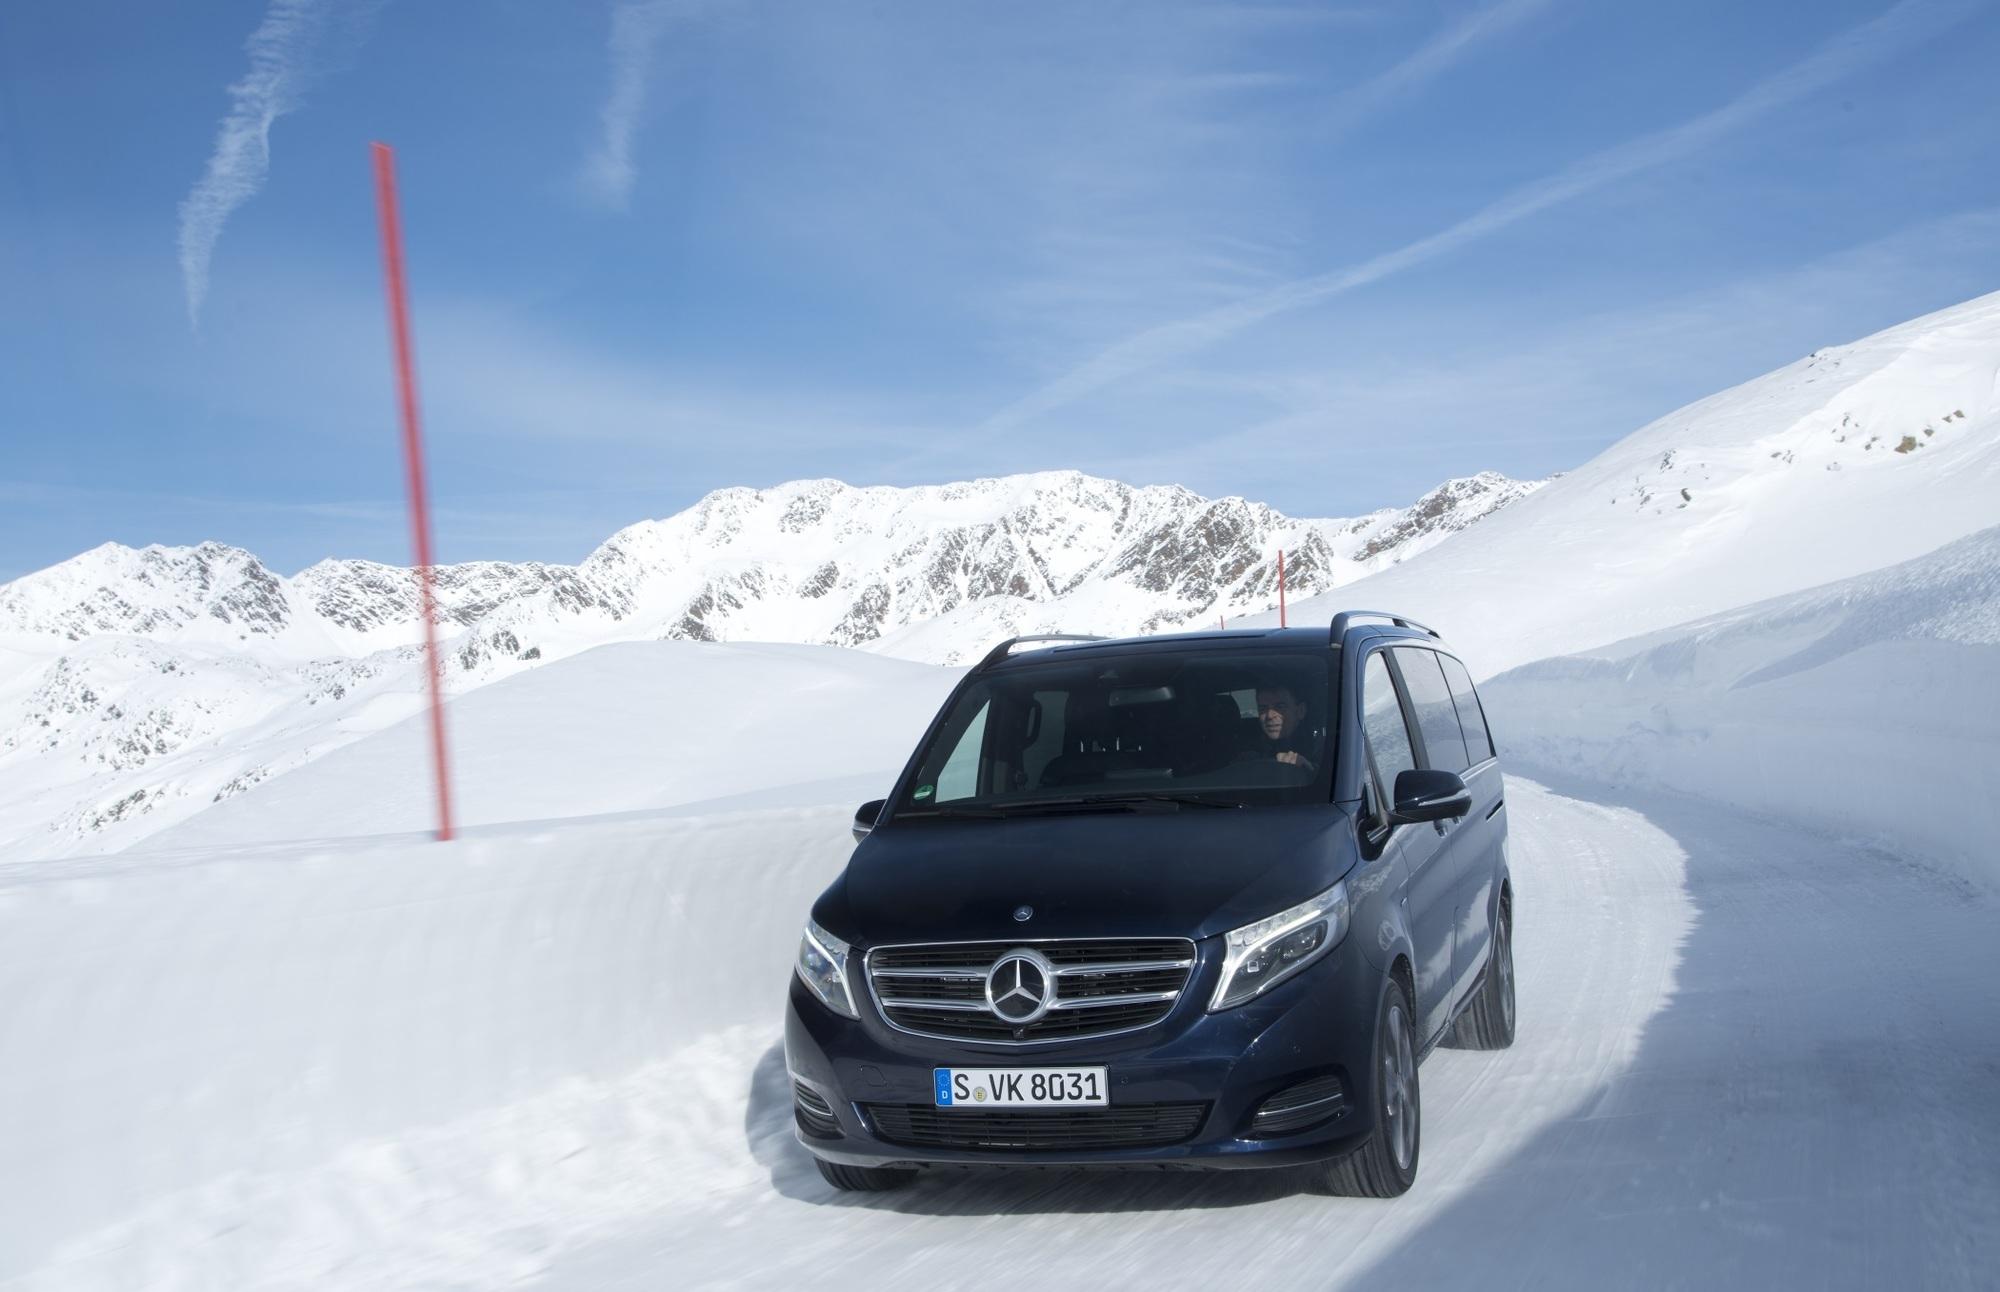 Mercedes V-Klasse jetzt auch mit Allradantrieb - Nobel auf allen Vieren